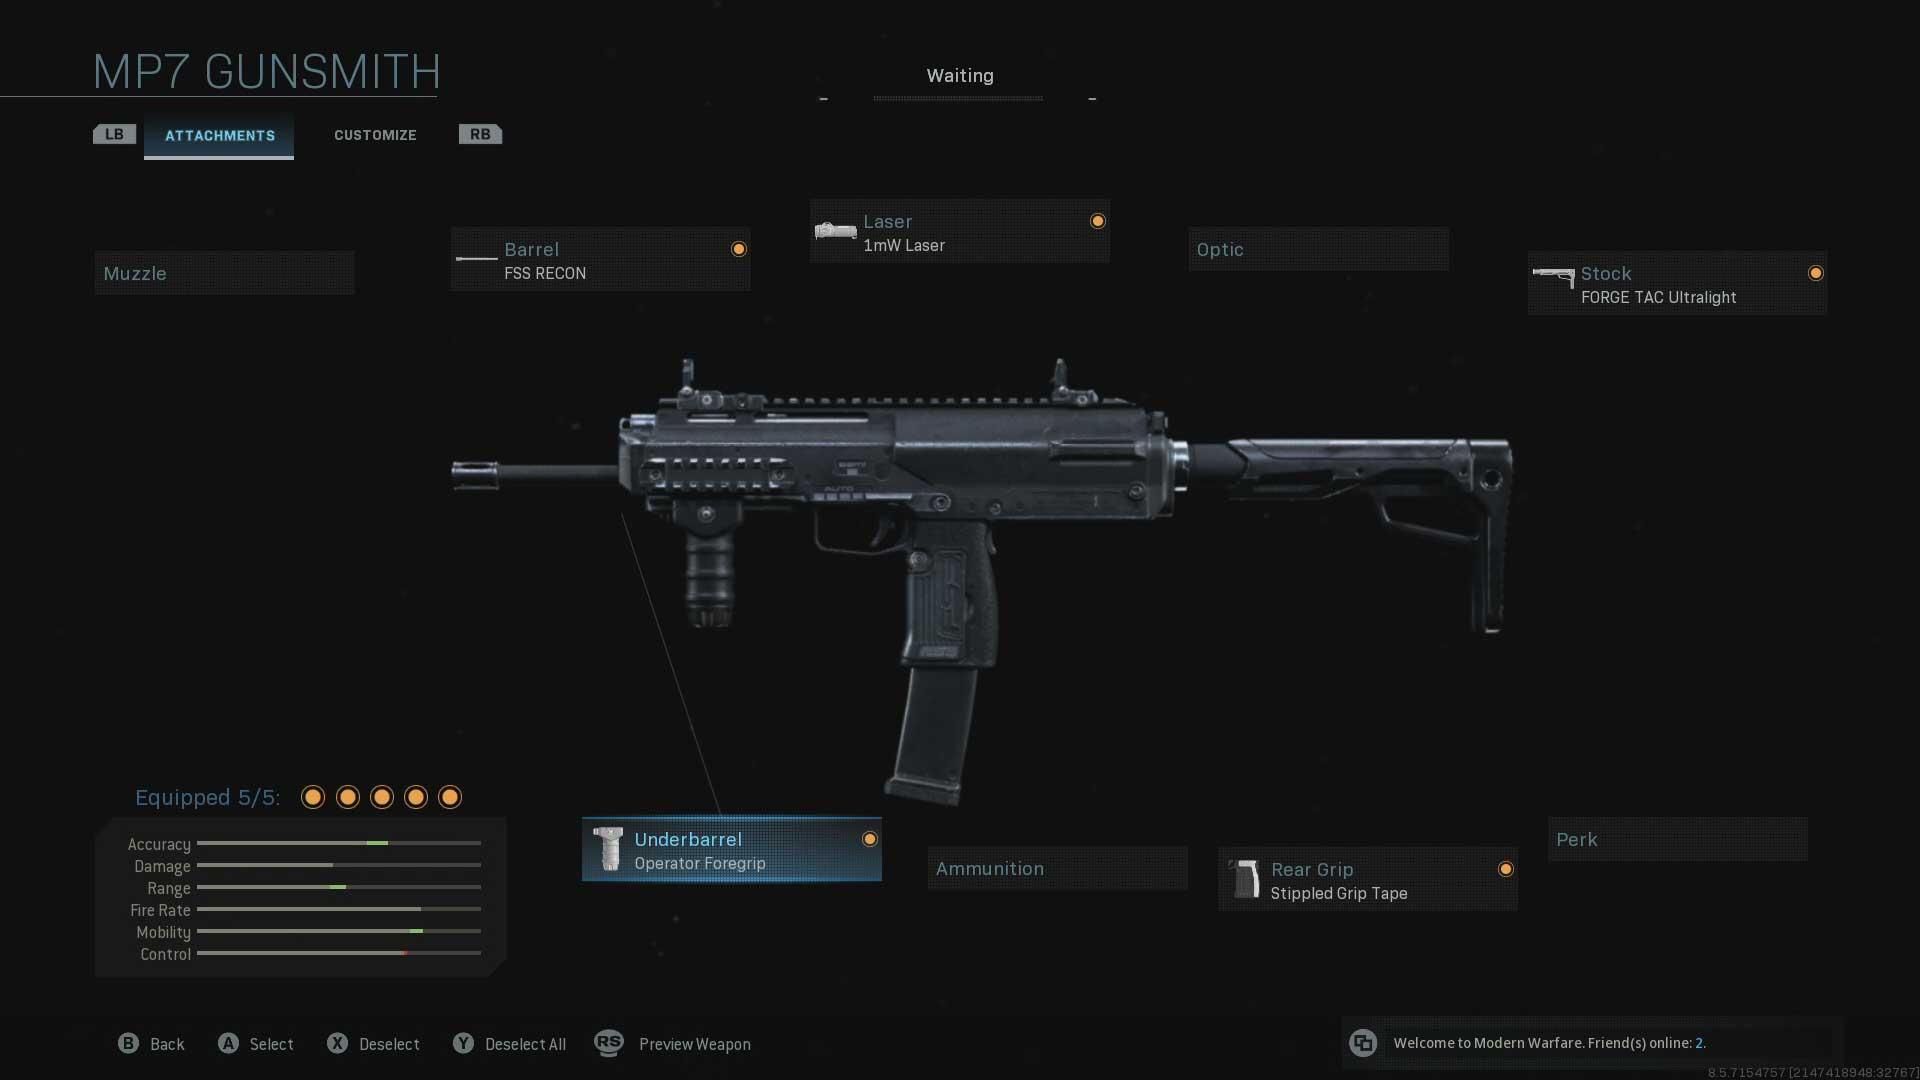 Najlepšie zaťaženie pre MP7 a M13 v Call of Duty Warzone 2